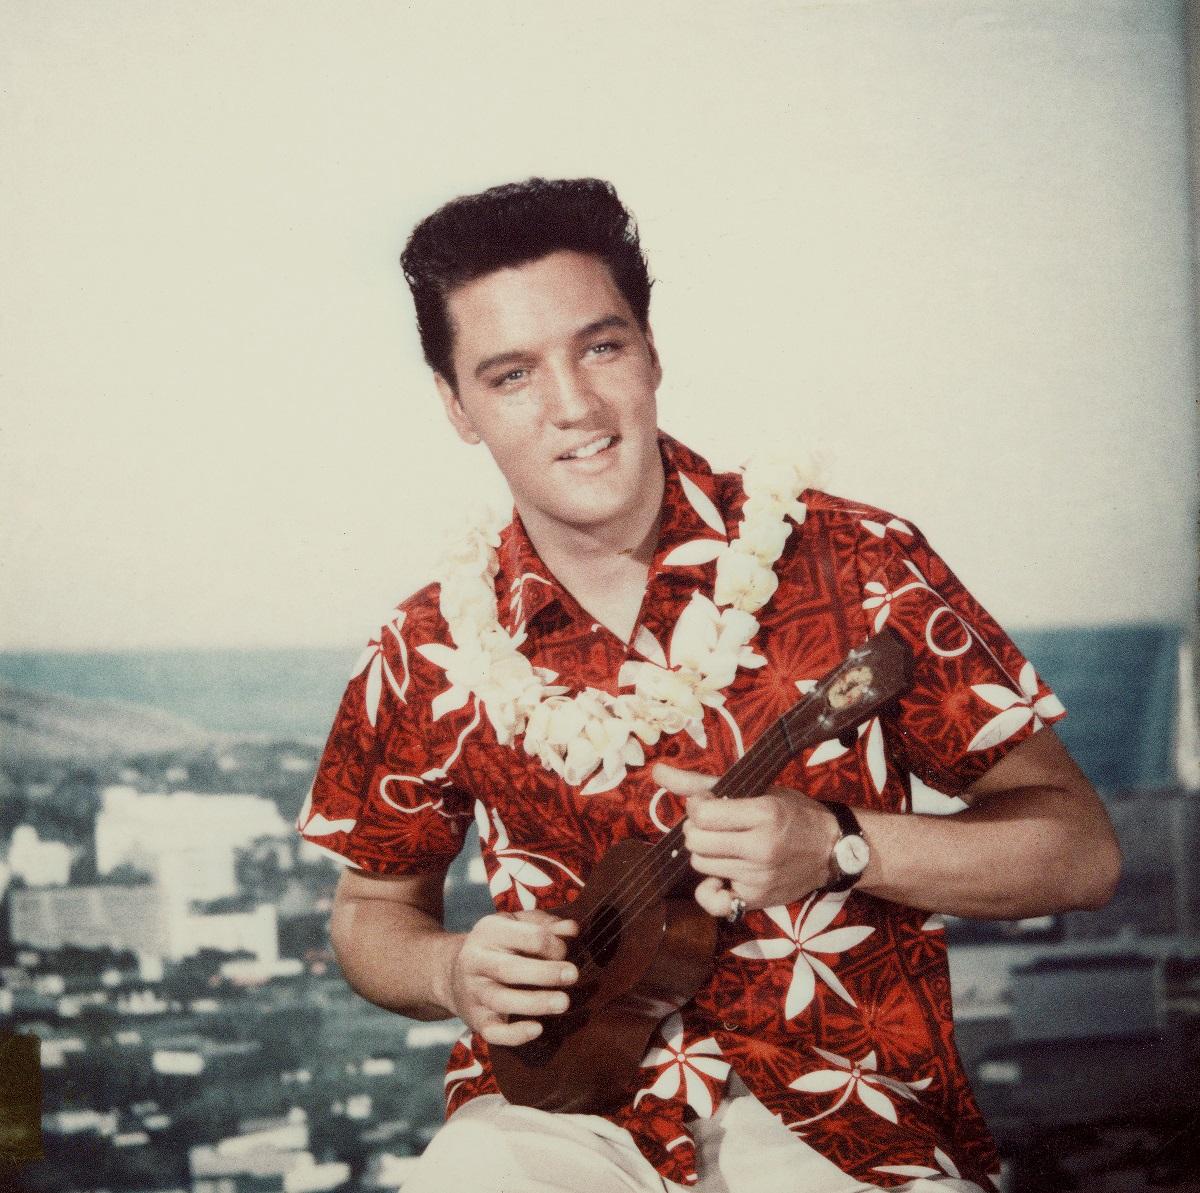 Elvis Presley in 'Blue Hawaii'